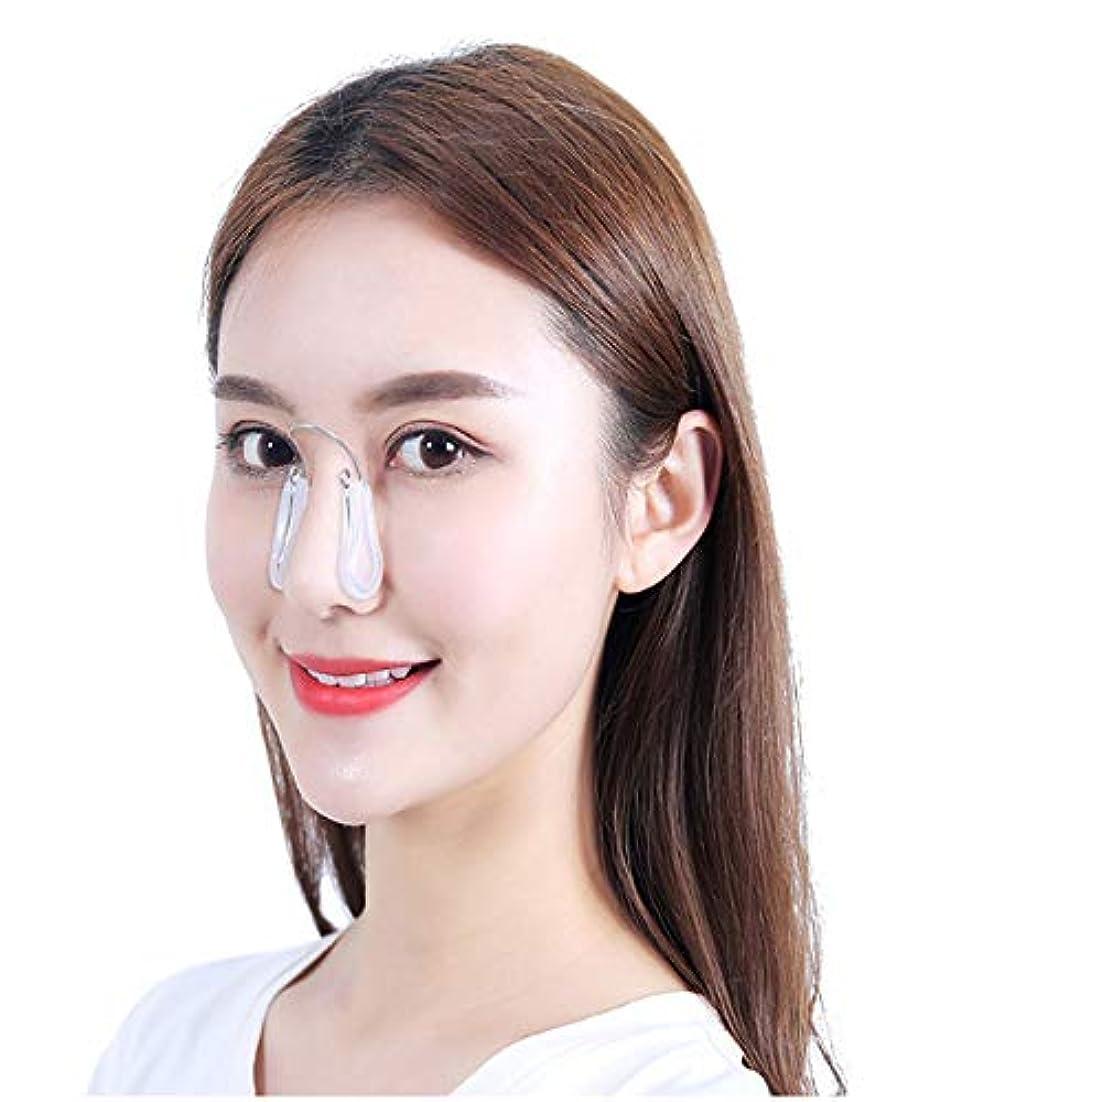 代わりの掘る相対的GOIOD 美鼻ケア 鼻 人工鼻 増強美容 鼻のデバイスシリコンクリップ 鼻筋矯正 簡単美鼻ケア